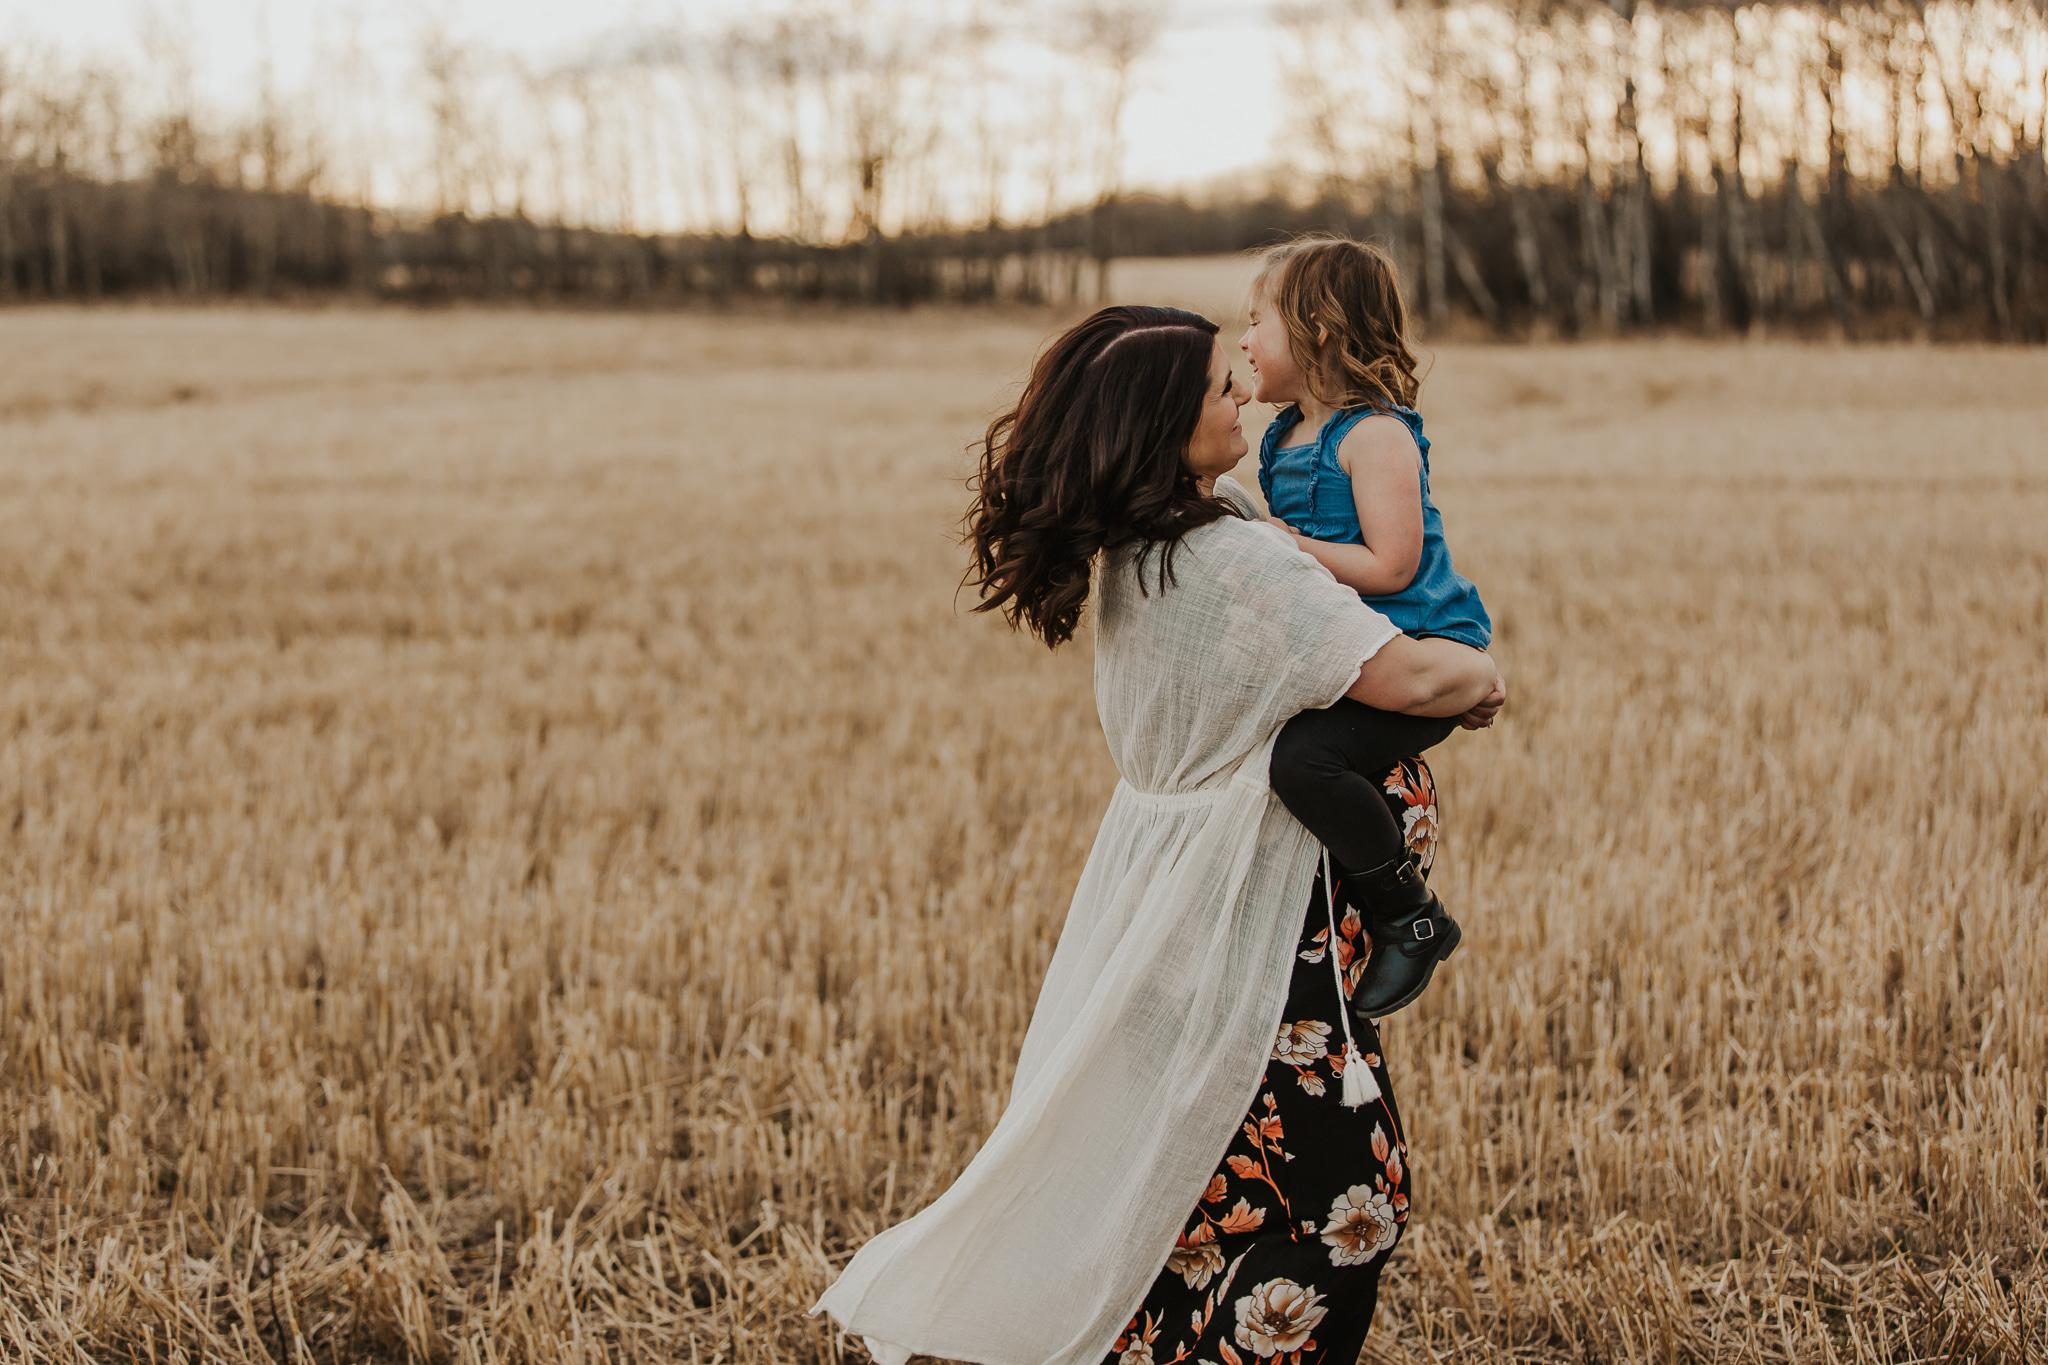 Alina-Joy-Photography-Cold-Lake-Lifestyle-Photographer-323.jpg